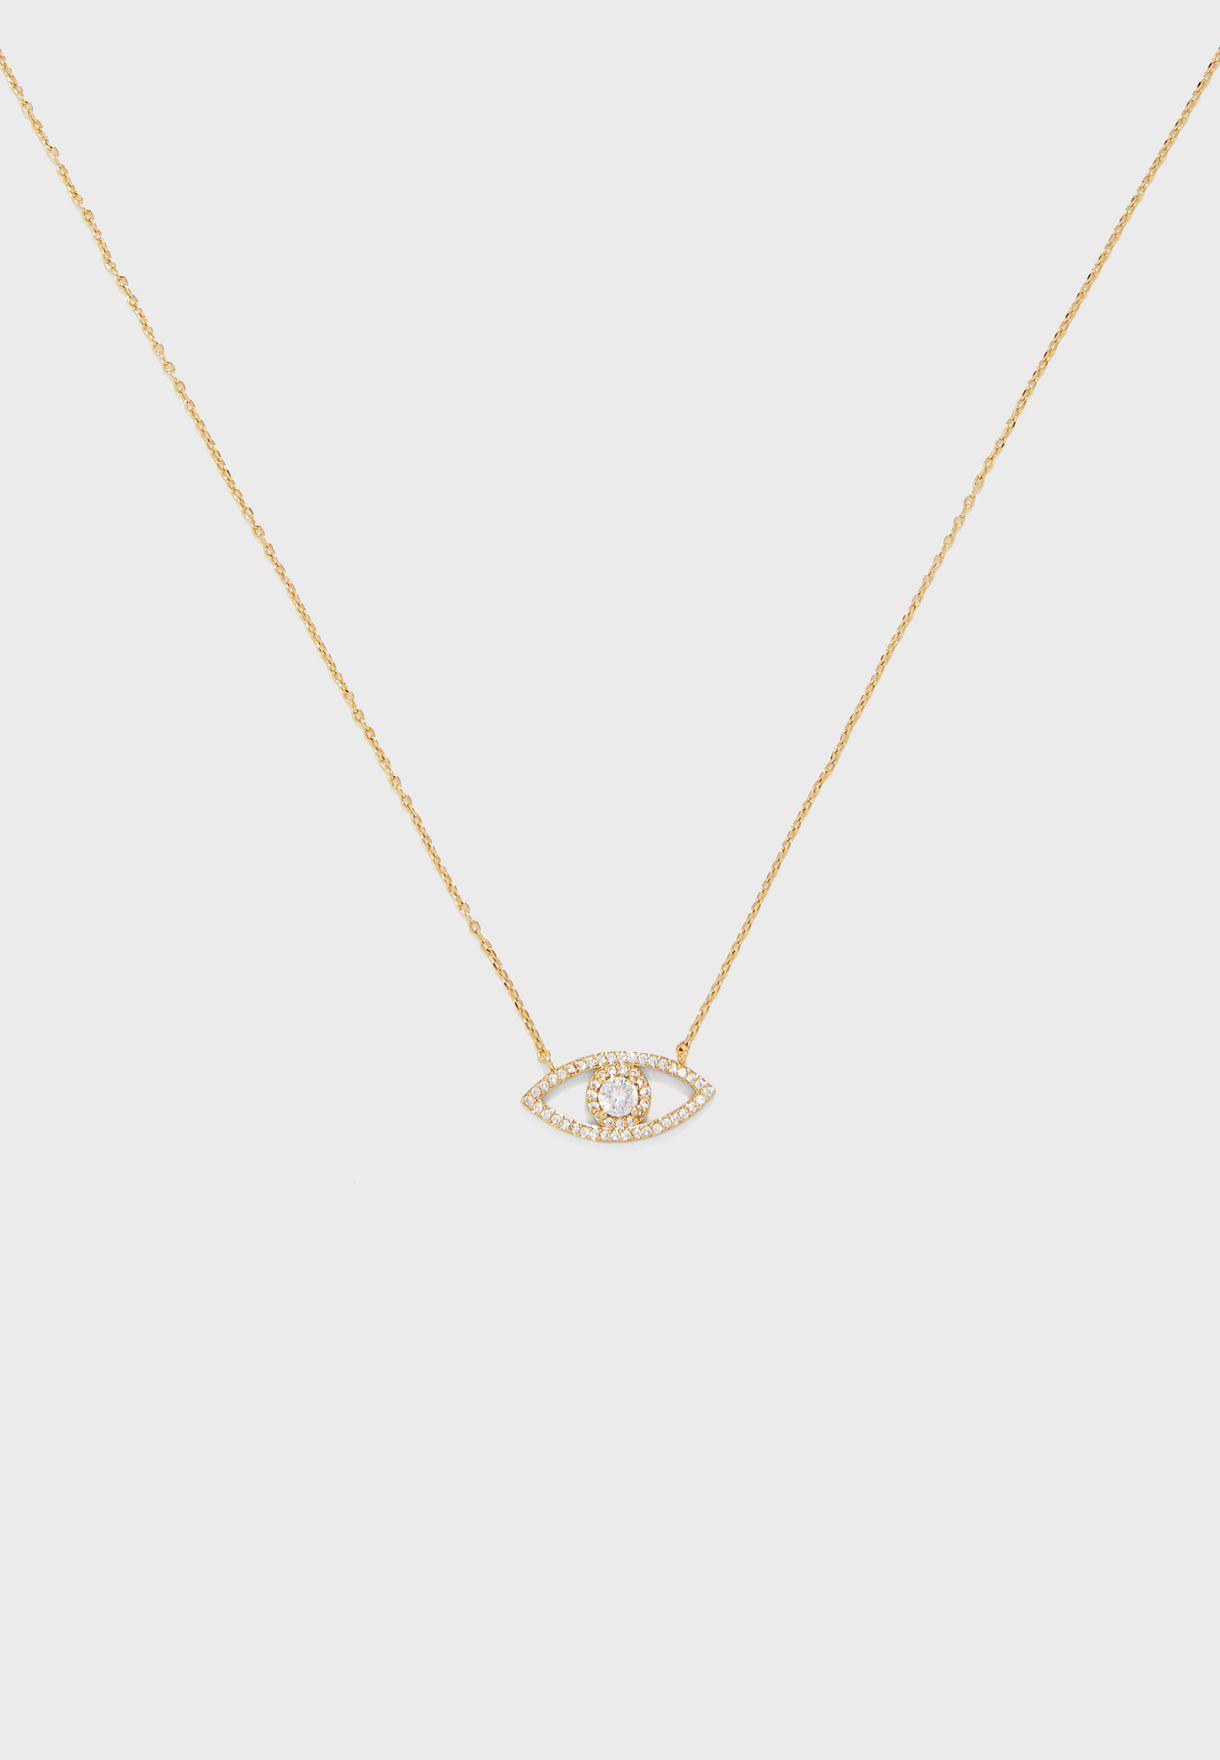 Kittabilla Necklace